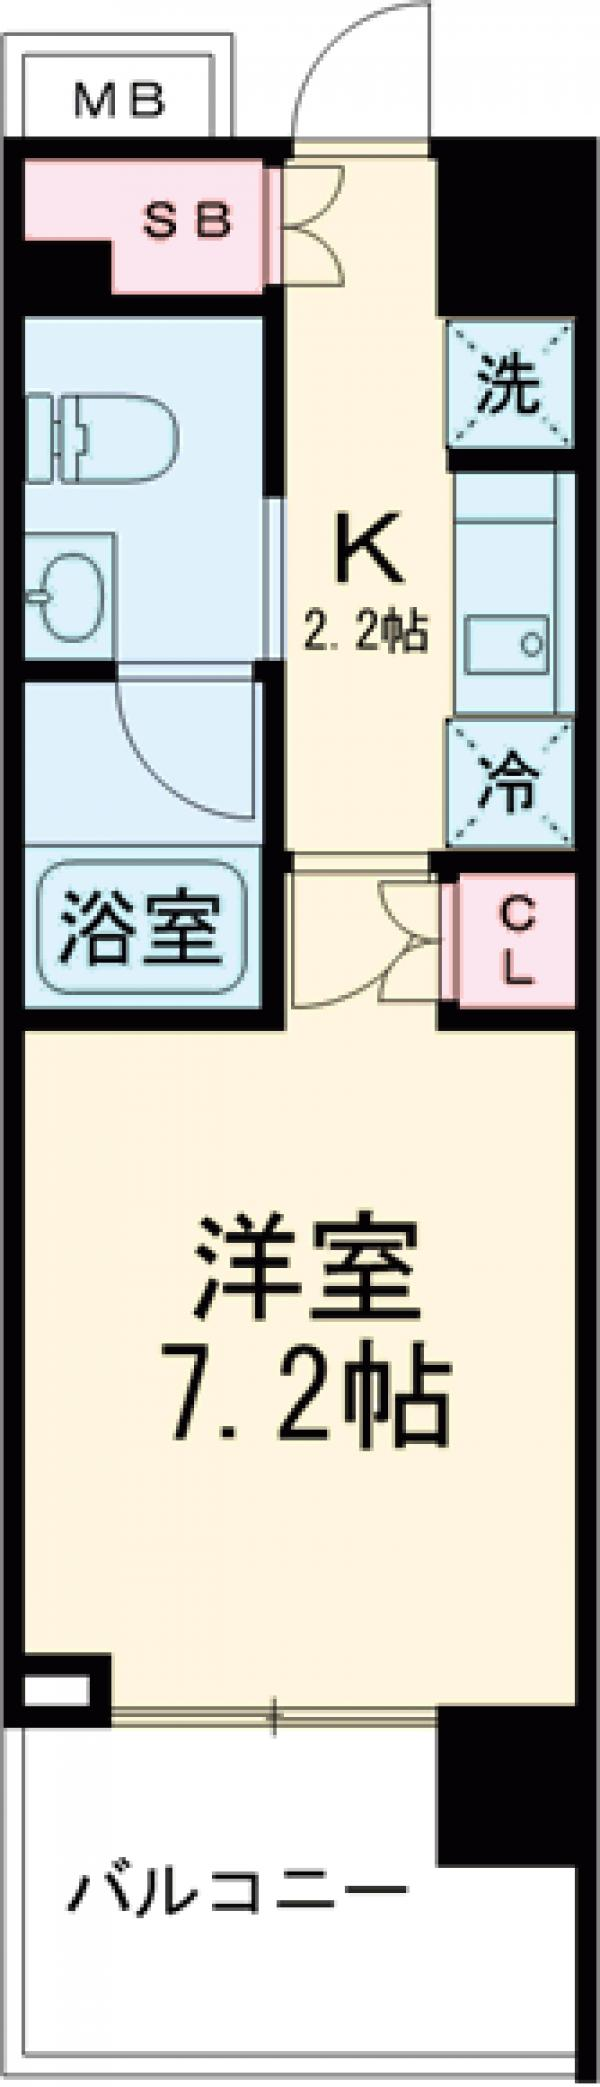 プライムメゾン早稲田通り・206号室の間取り